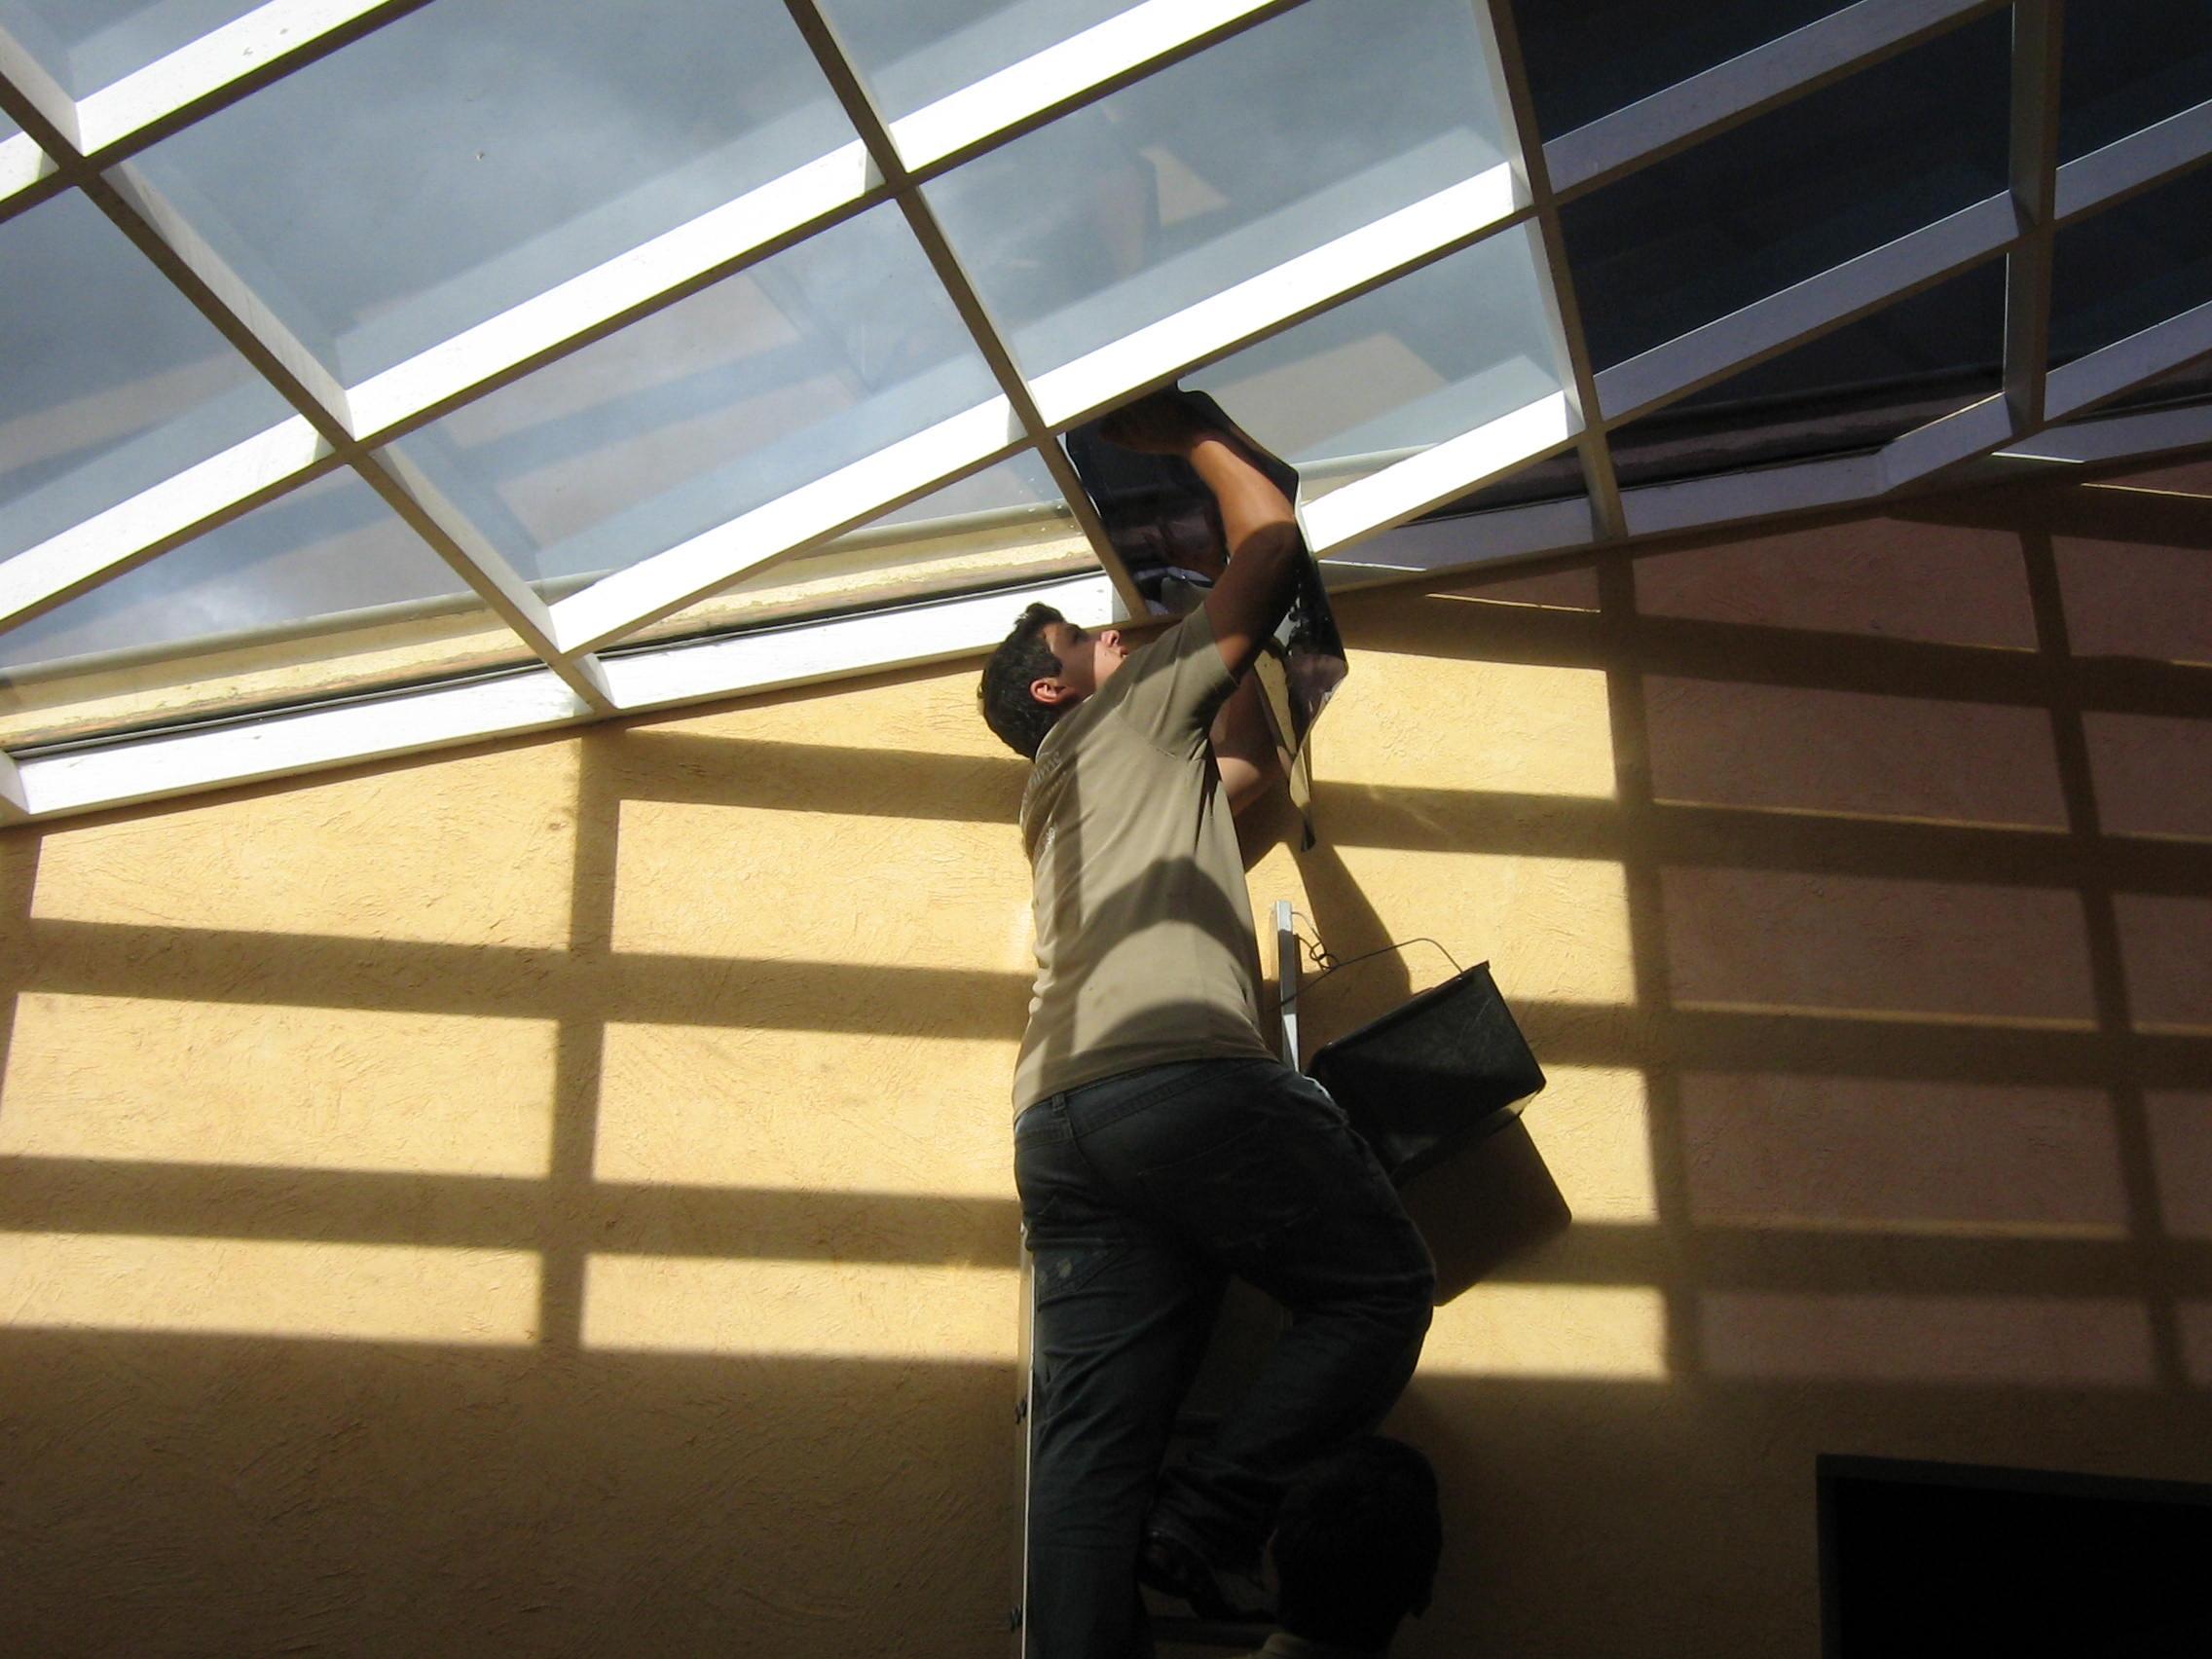 Comparação de teto de vidro com e sem a película